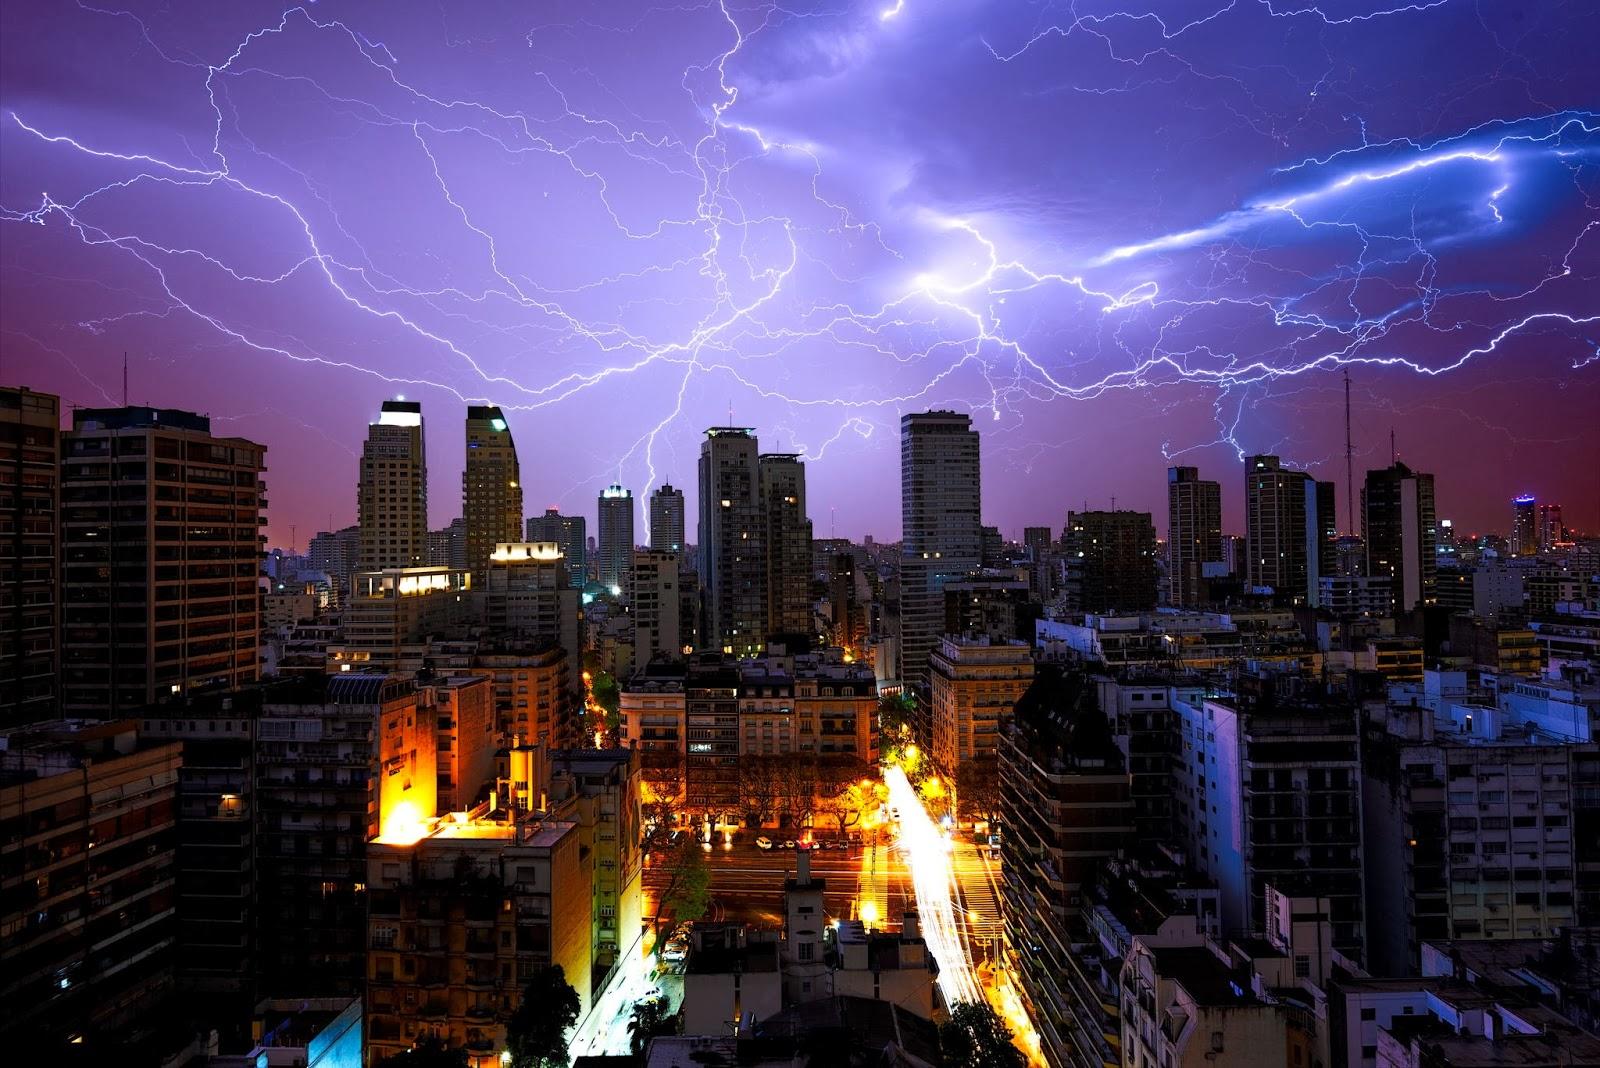 Bienvenidos al nuevo foro de apoyo a Noe #272 / 03.07.15 ~ 09.07.15 - Página 4 Gran+tormenta+electrica+sobre+Buenos+Aires+en+Argentina+....Imagen+de+Alejandro+Ferrand.